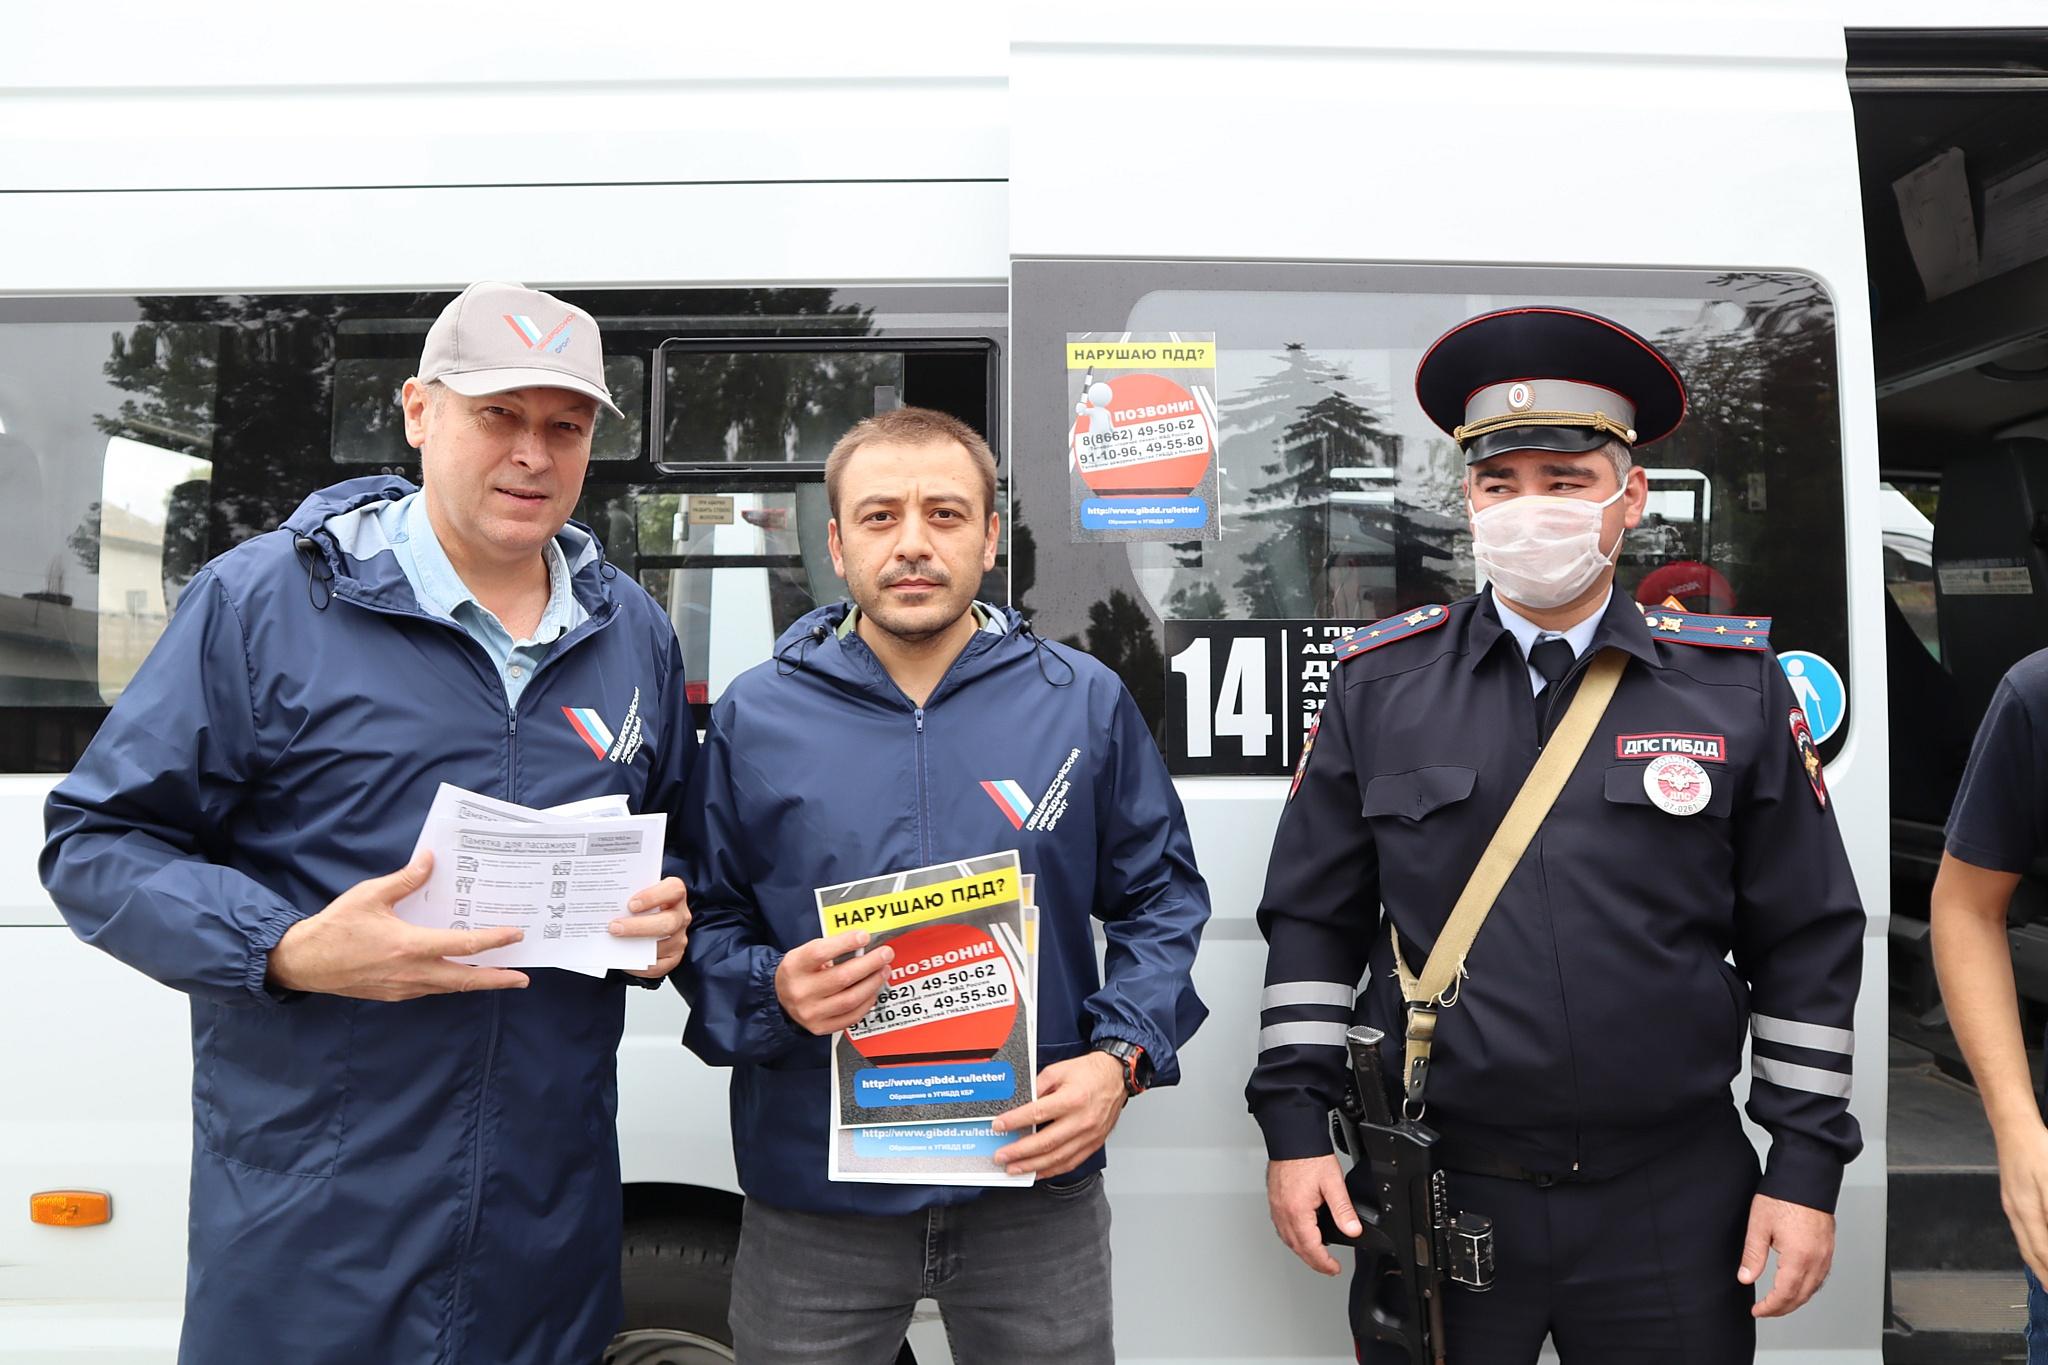 ОНФ в КБР организовал разъяснительную акцию по ПДД в Нальчике